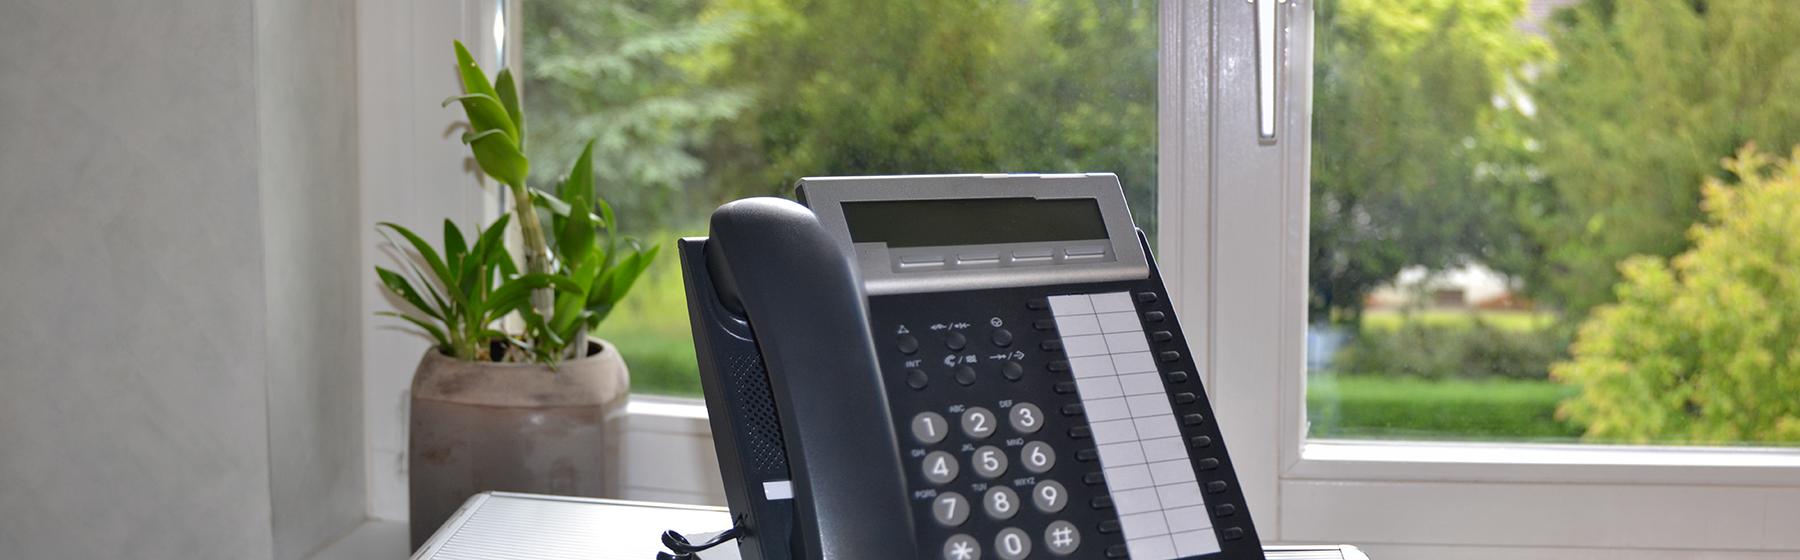 Telefonumfragen zur Kundenbindung richtig durchführen